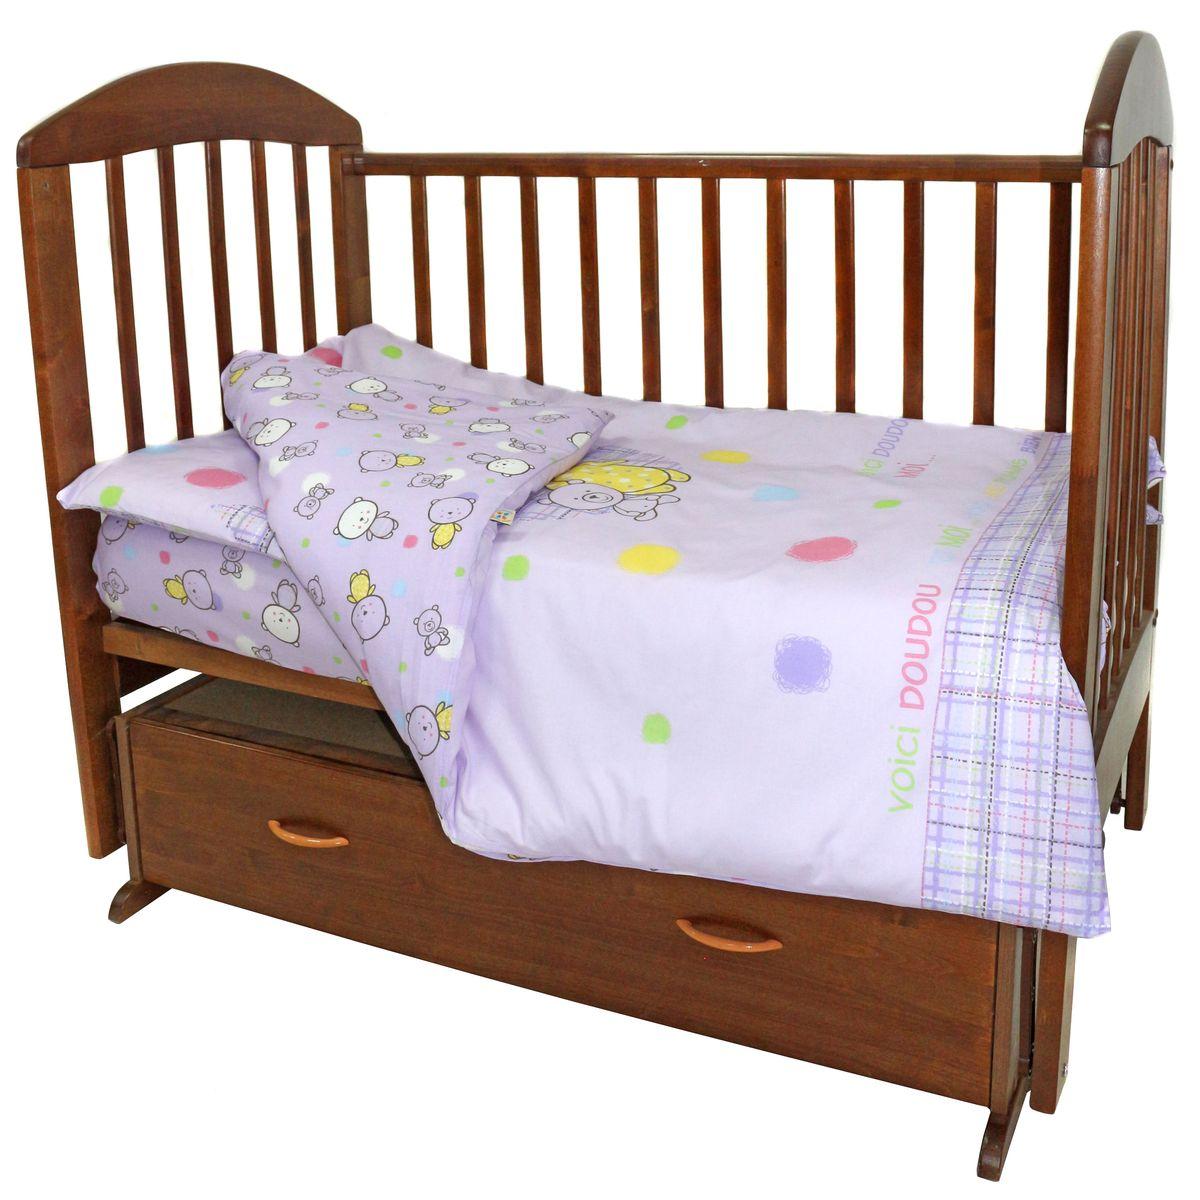 Топотушки Комплект детского постельного белья Мой Медвежонок цвет сиреневый 3 предмета531-105Комплект постельного белья из 3 предметов включает все необходимые элементы для детской кроватки. Комплект создает для Вашего ребенка уют, комфорт и безопасную среду с рождения, современный дизайн и цветовые сочетания помогают ребенку адаптироваться в новом для него мире. Комплекты «Топотушки» хорошо вписываются в интерьер как детской комнаты, так и спальни родителей.Как и все изделия «Топотушки» данный комплект отражает самые последние технологии, является безопасным для малыша и экологичным. Российское происхождение комплекта гарантирует стабильно высокое качество, соответствие актуальным пожеланиям потребителей, конкурентоспособную цену.В комплекте: Наволочка 40х60см, пододеяльник 147х112см, простынь на резинке 120х60см